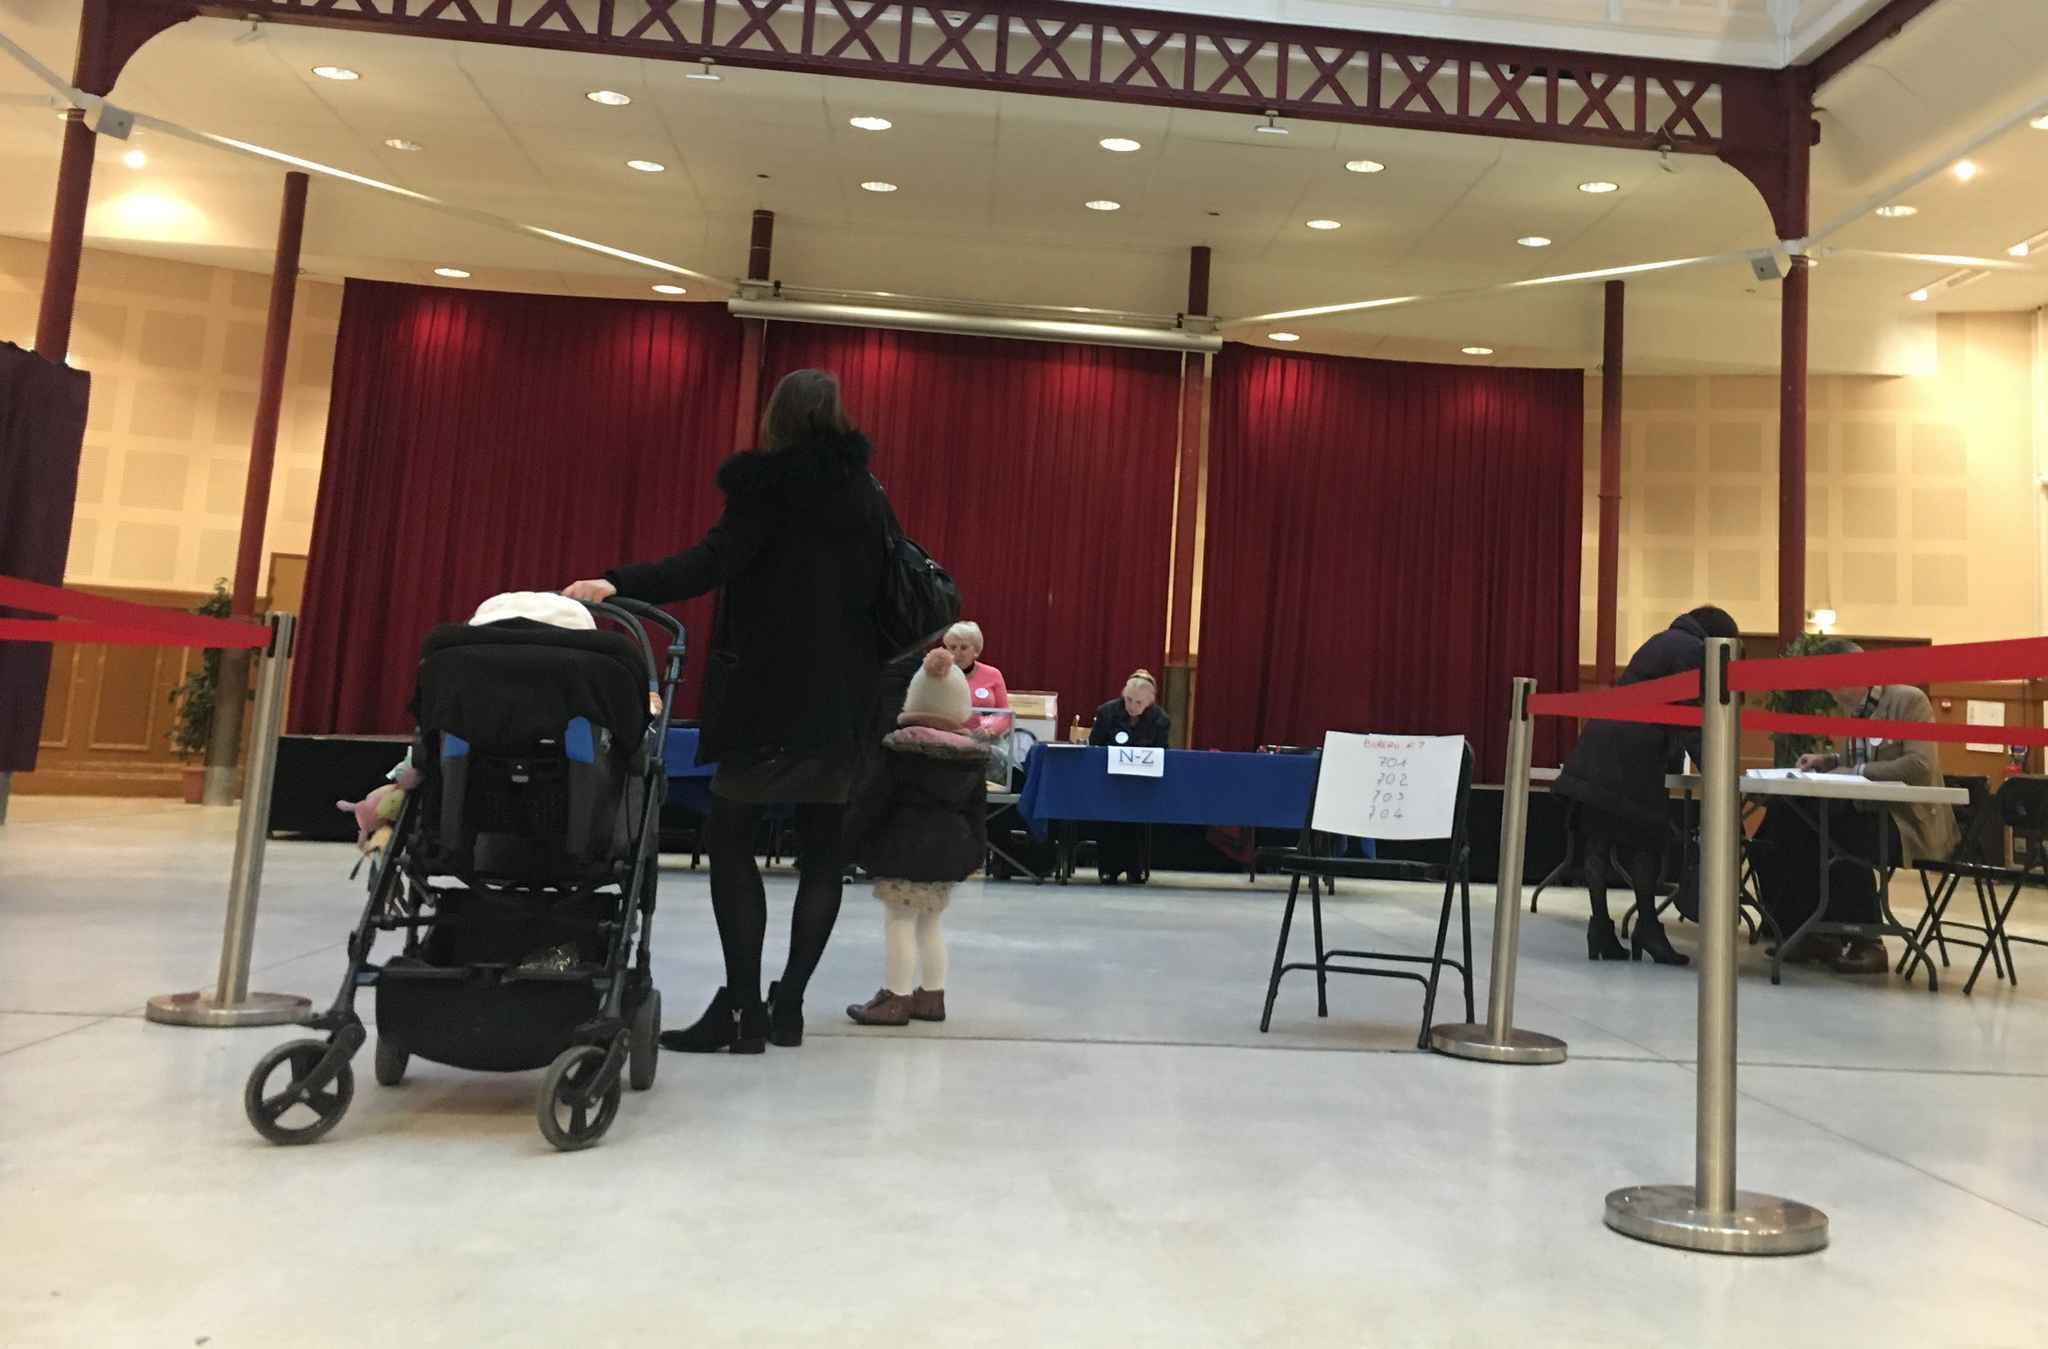 Primaire droite participation en baisse de 5 10 lille - Bureau de change a lille ...